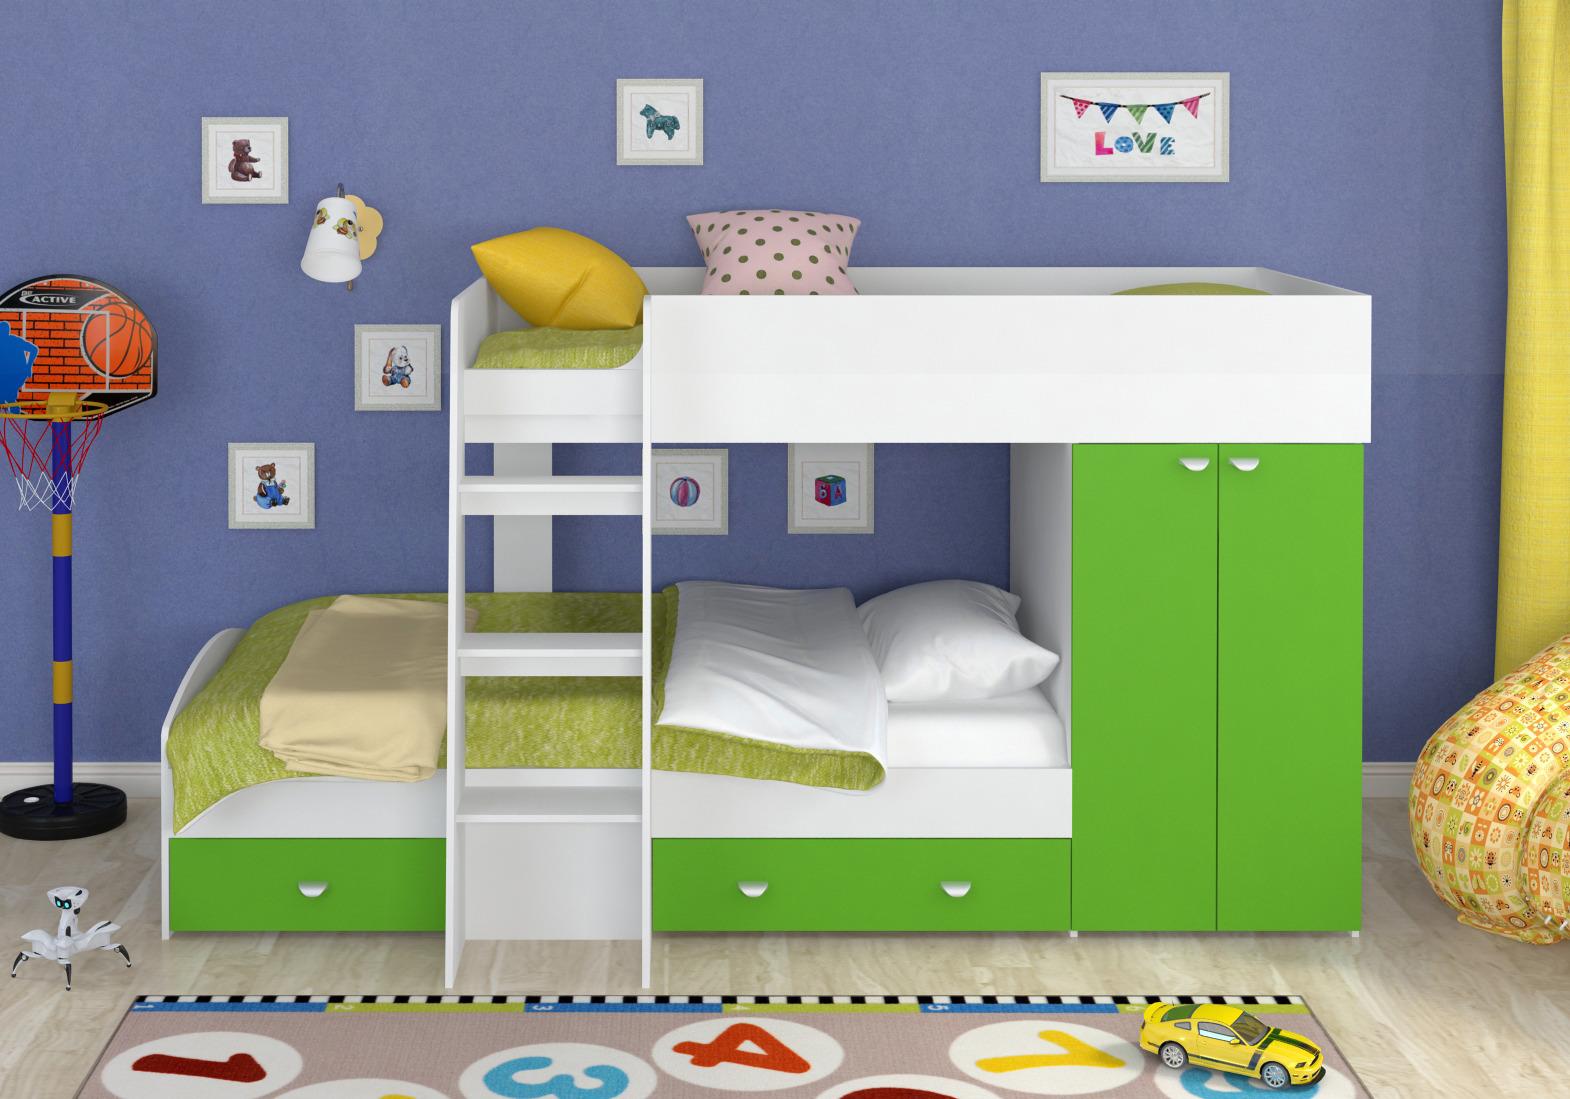 Набор мебели Golden Kids 2 кбКровати двухъярусные<br><br><br>Длина мм: 1265<br>Высота мм: 1555<br>Глубина мм: 2700